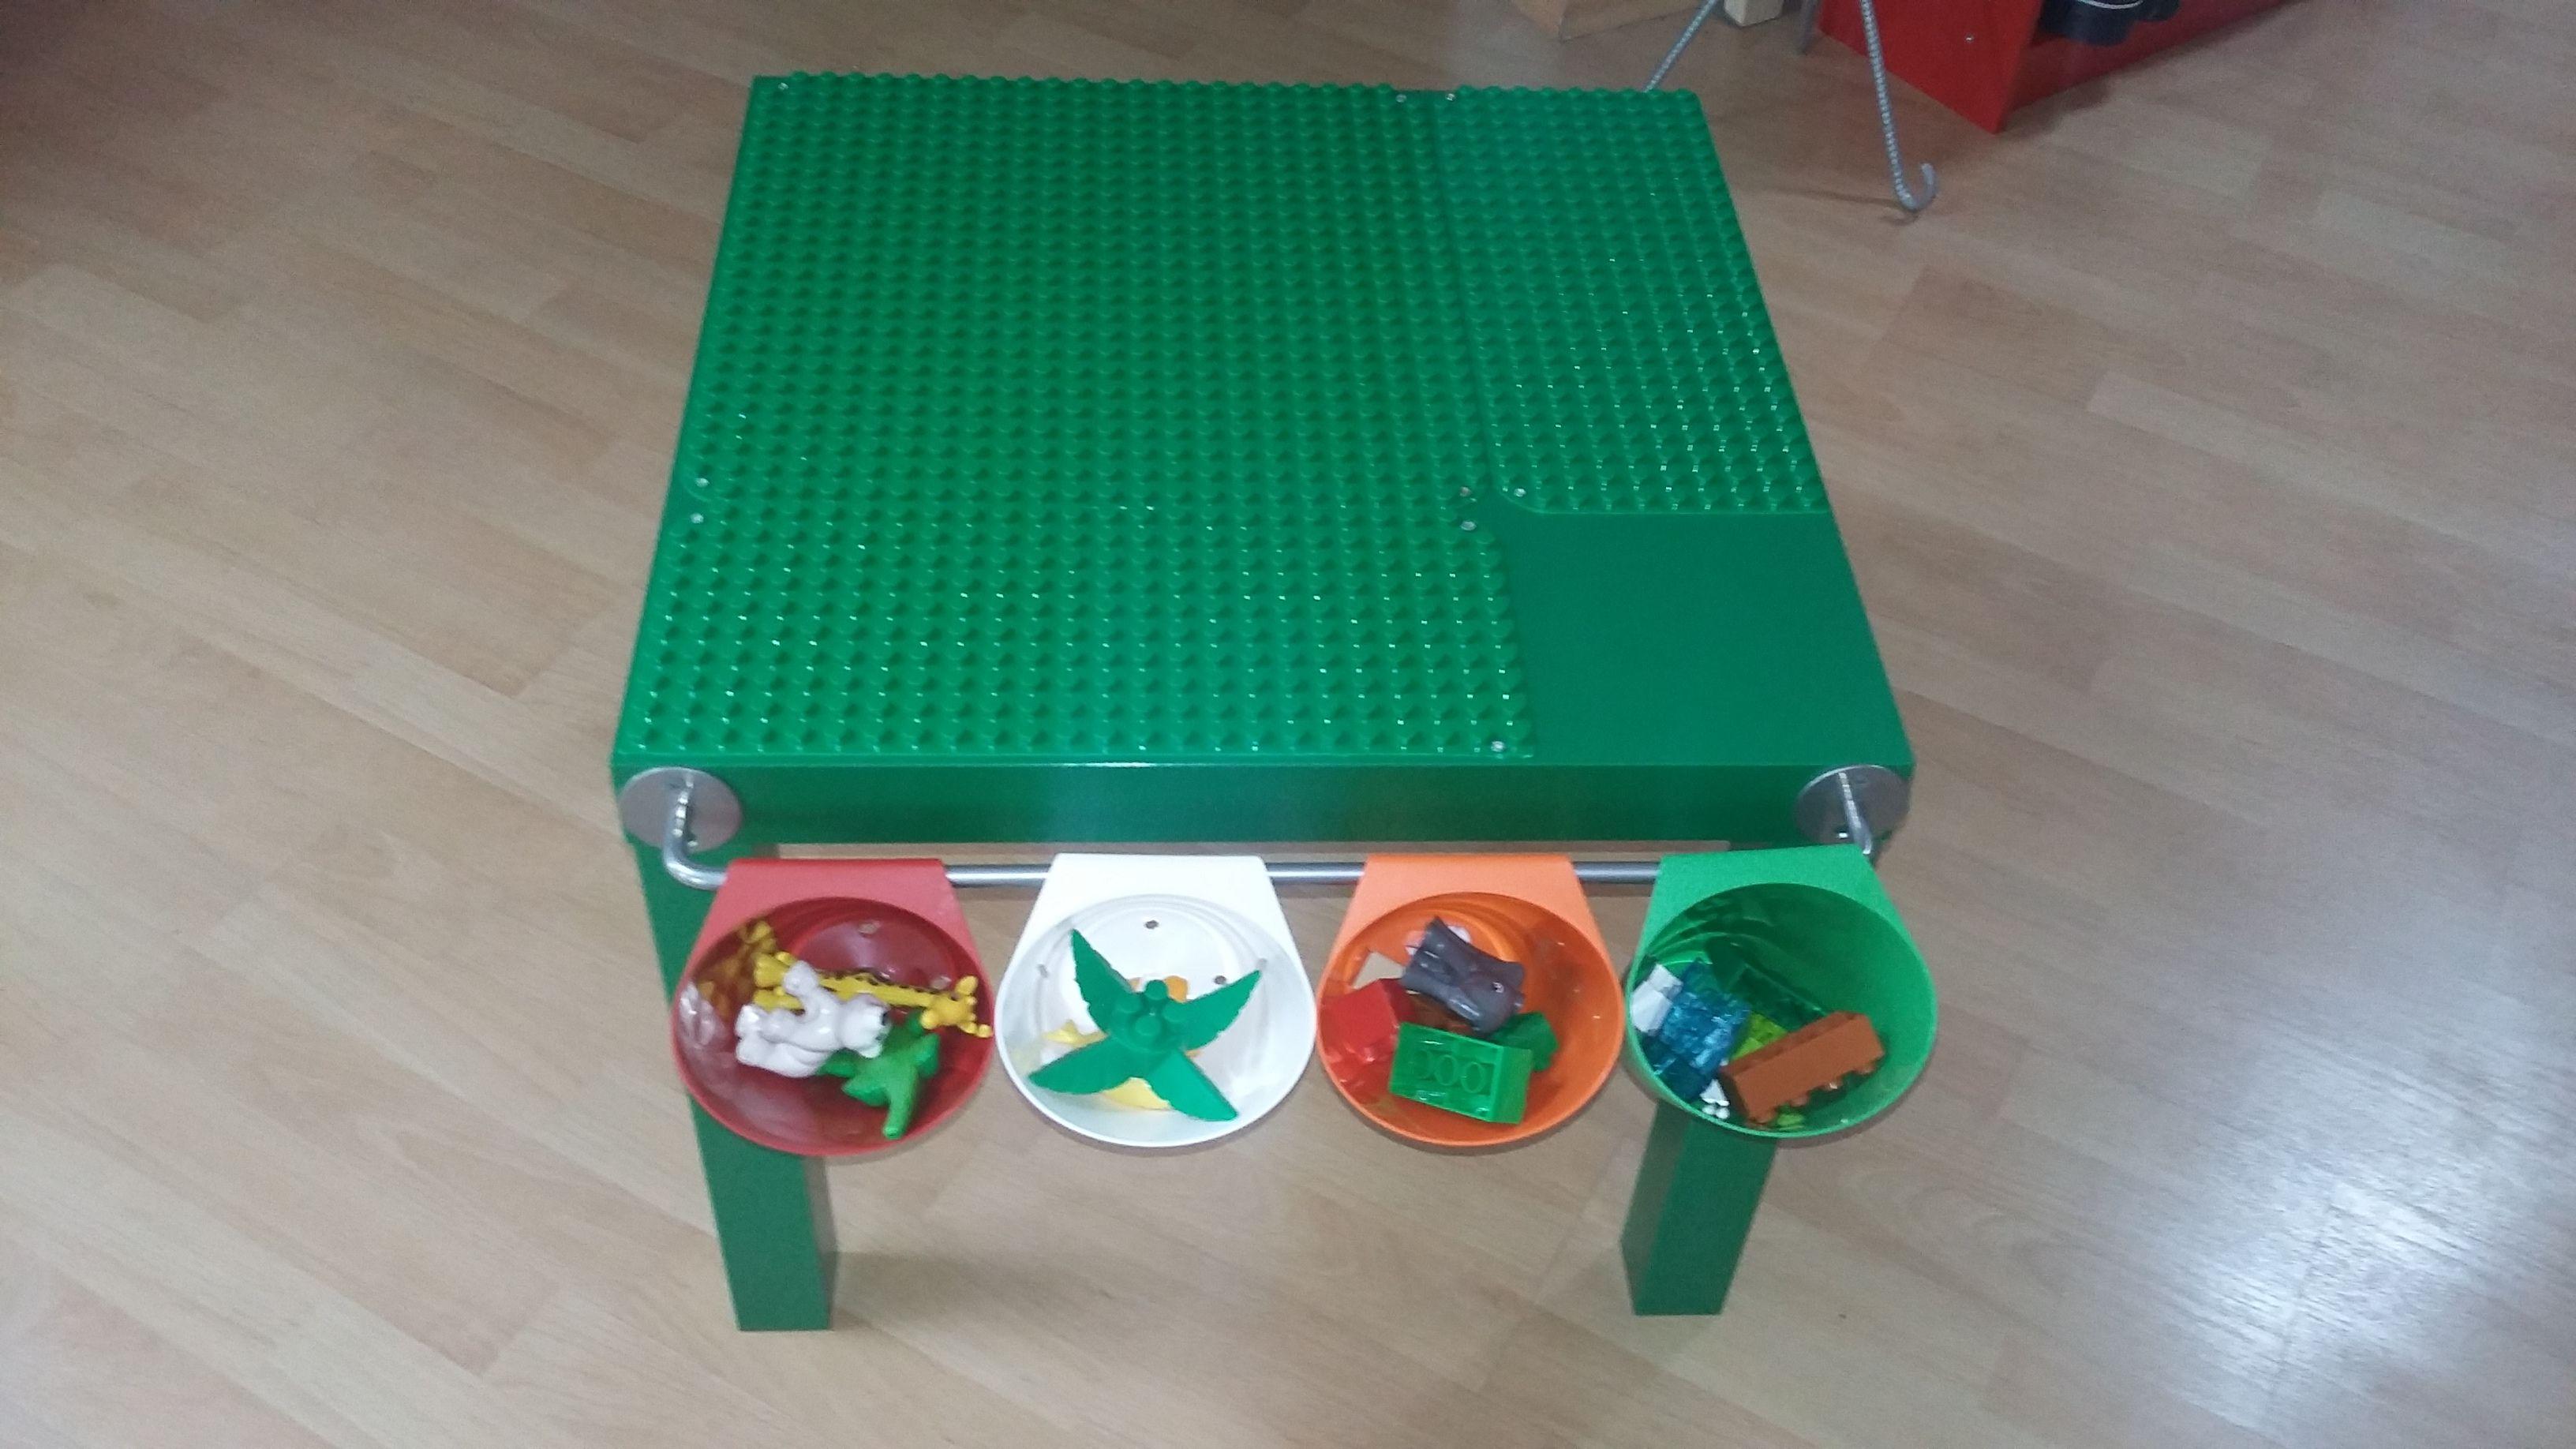 lego-tisch von ikea | bastelein | pinterest | lego